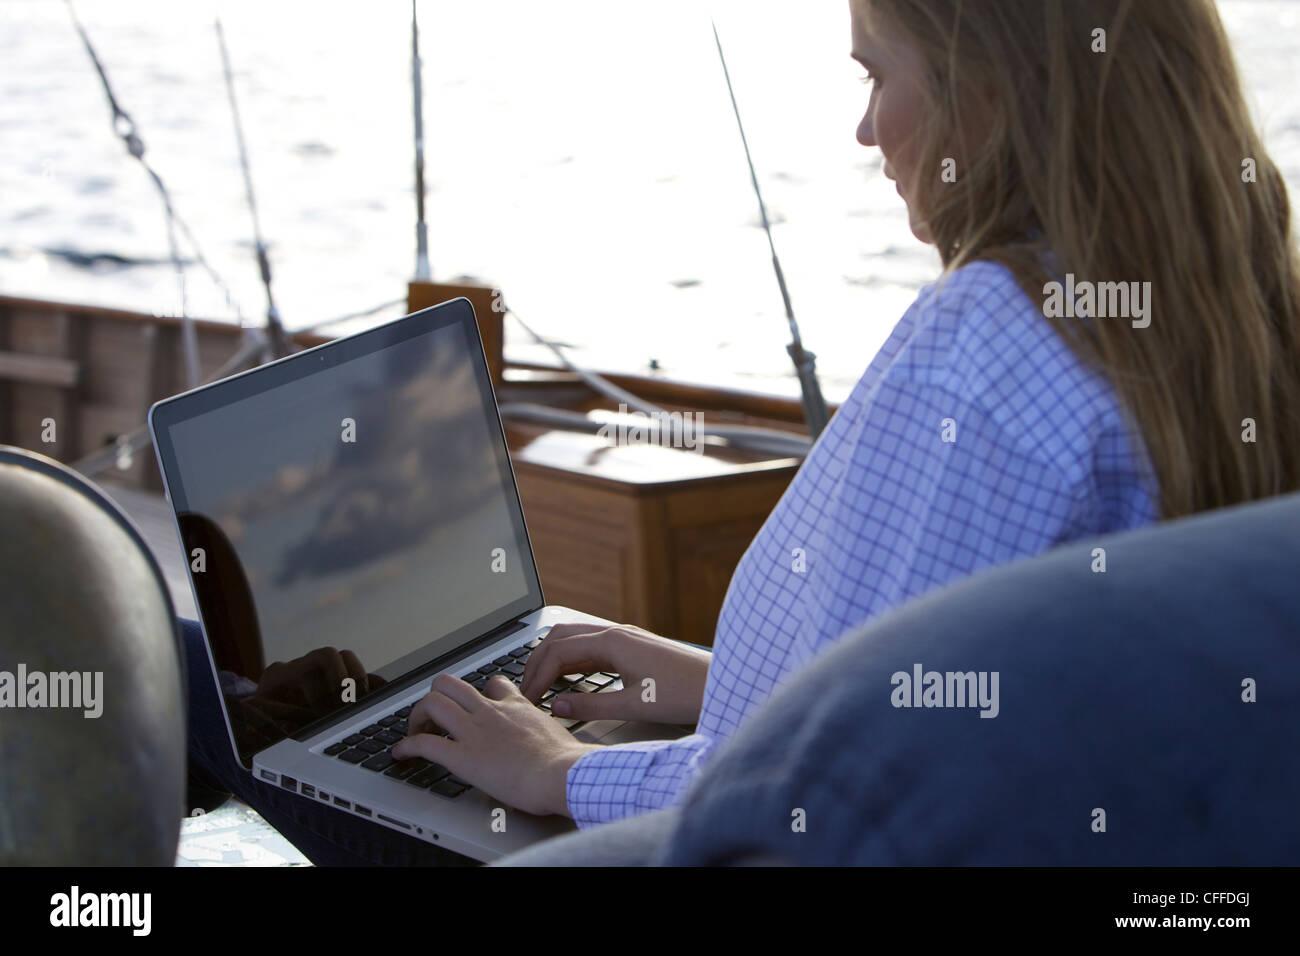 Eine Teenie Girl Verwendet Einen Laptop Computer An Bord Einer